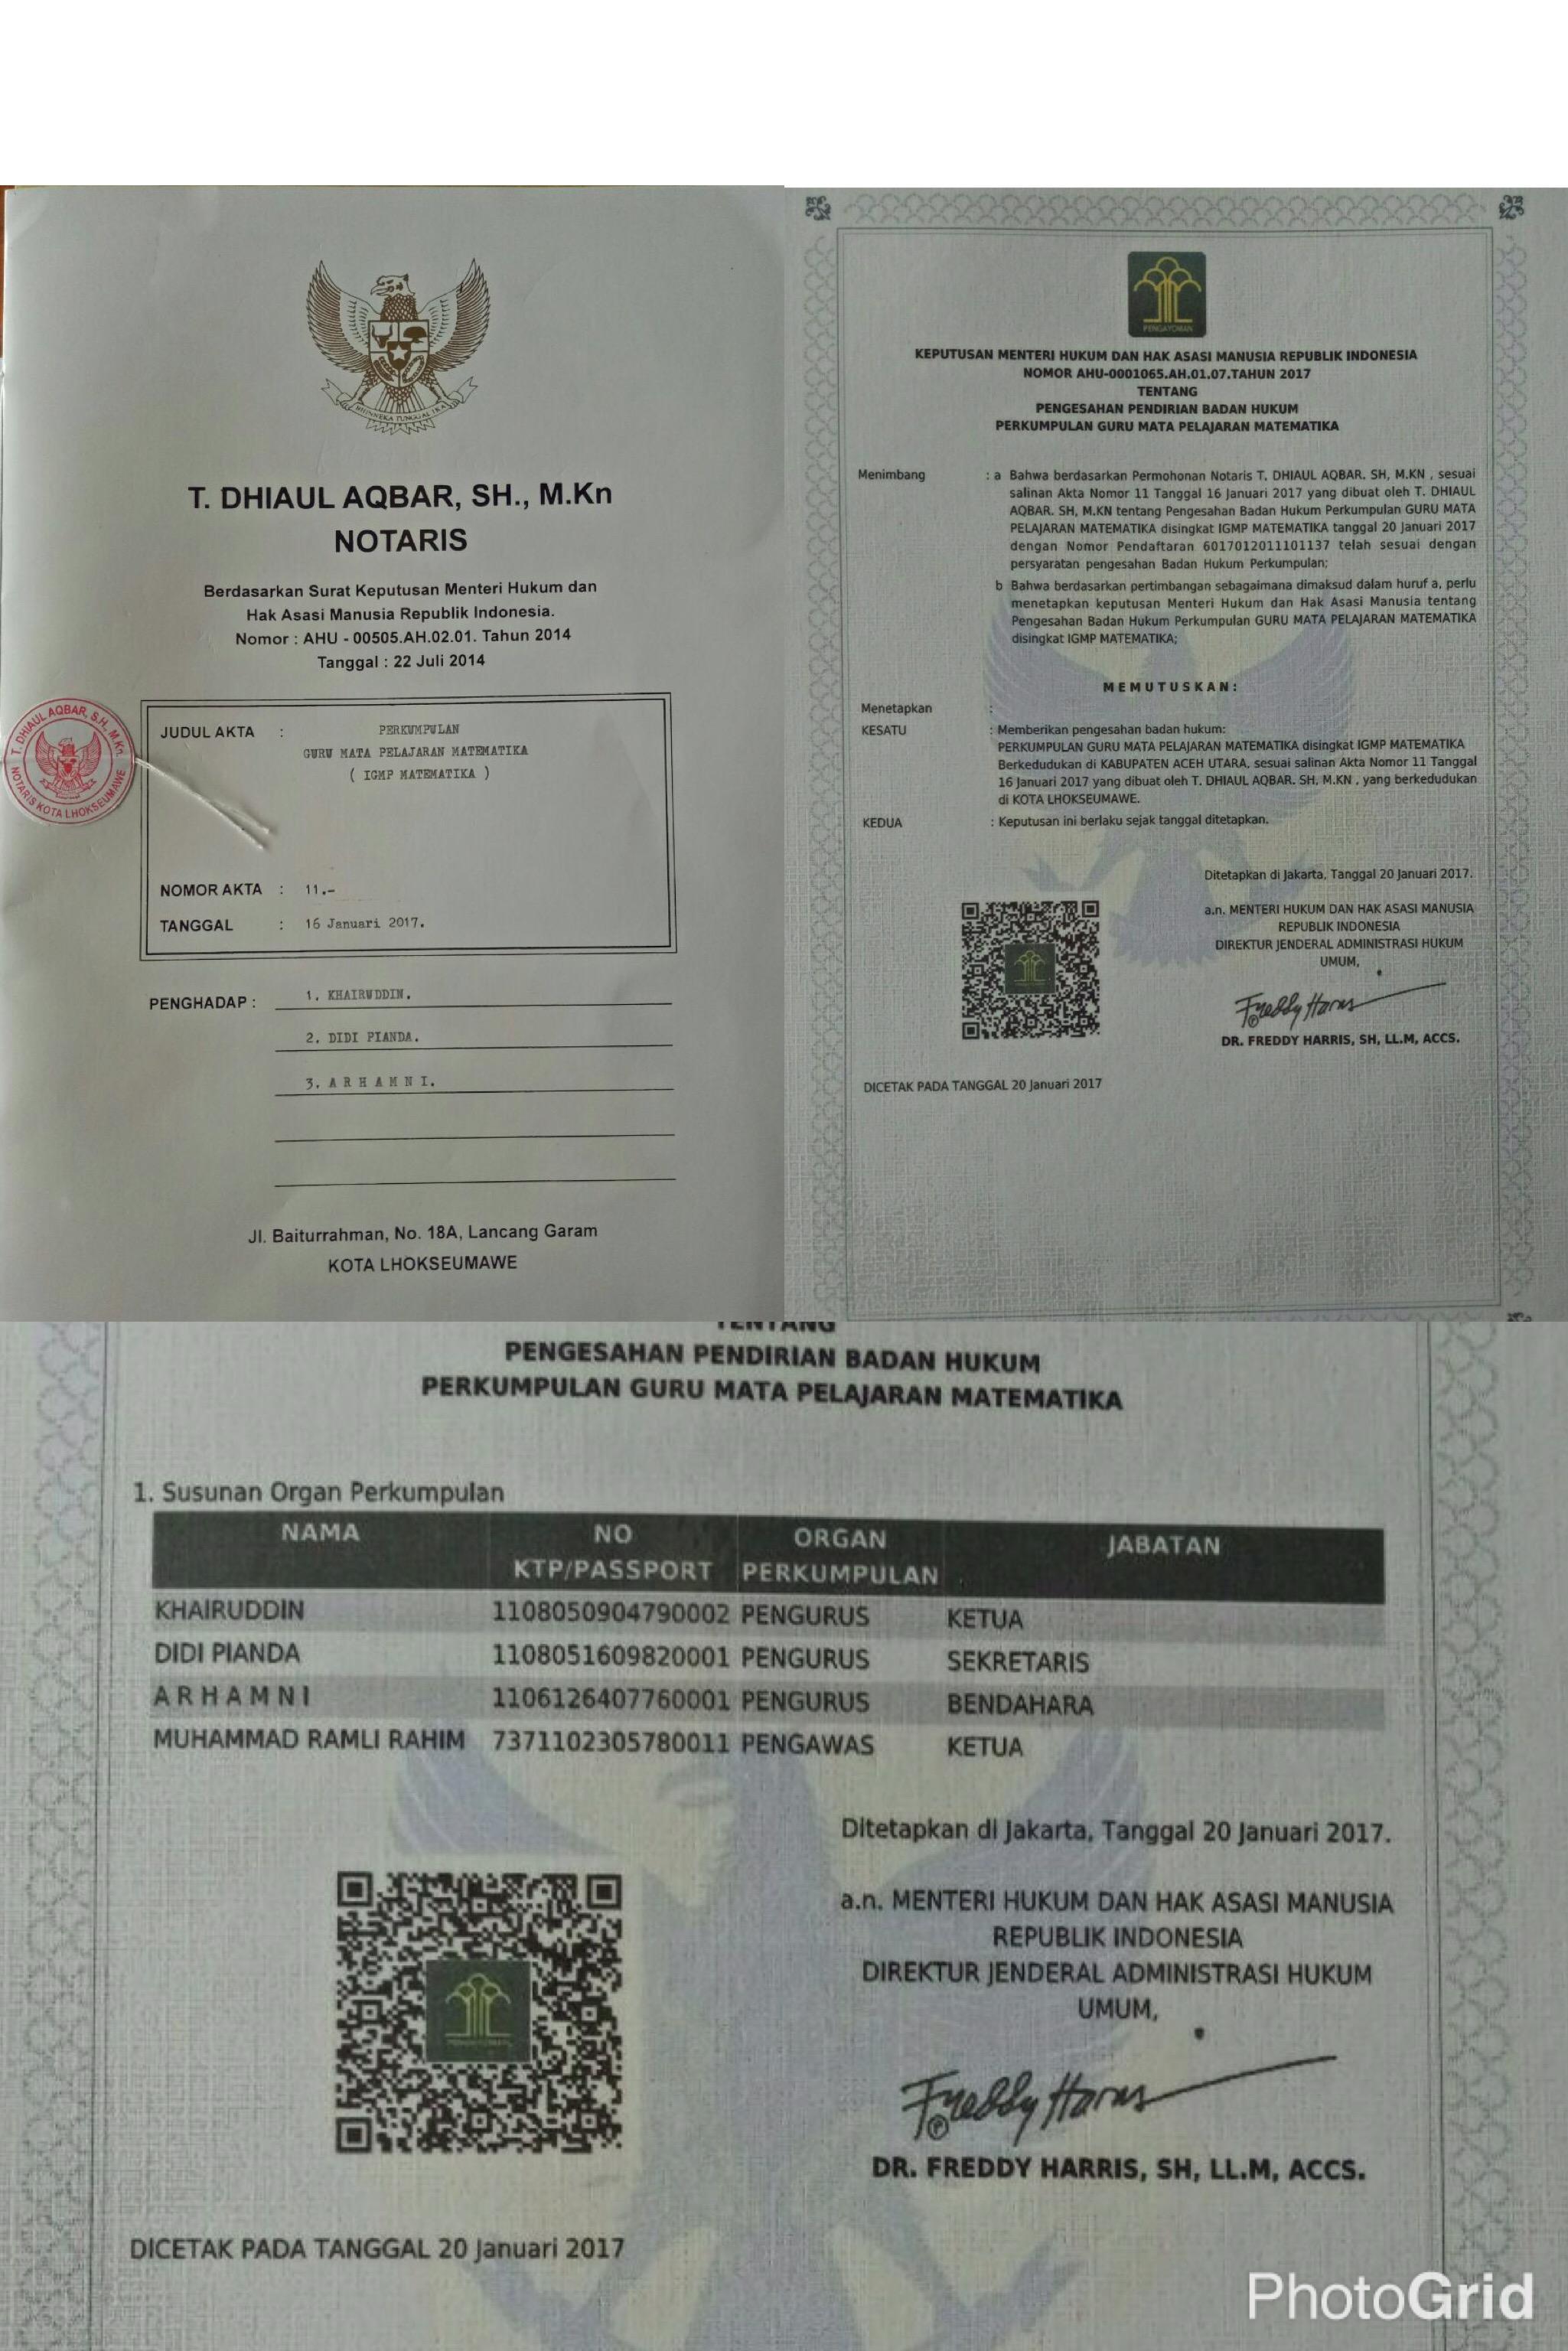 GURU MATEMATIKA INDONESIA AKHIRNYA MEMILIKI ORGANISASI RESMI BERBADAN HUKUM